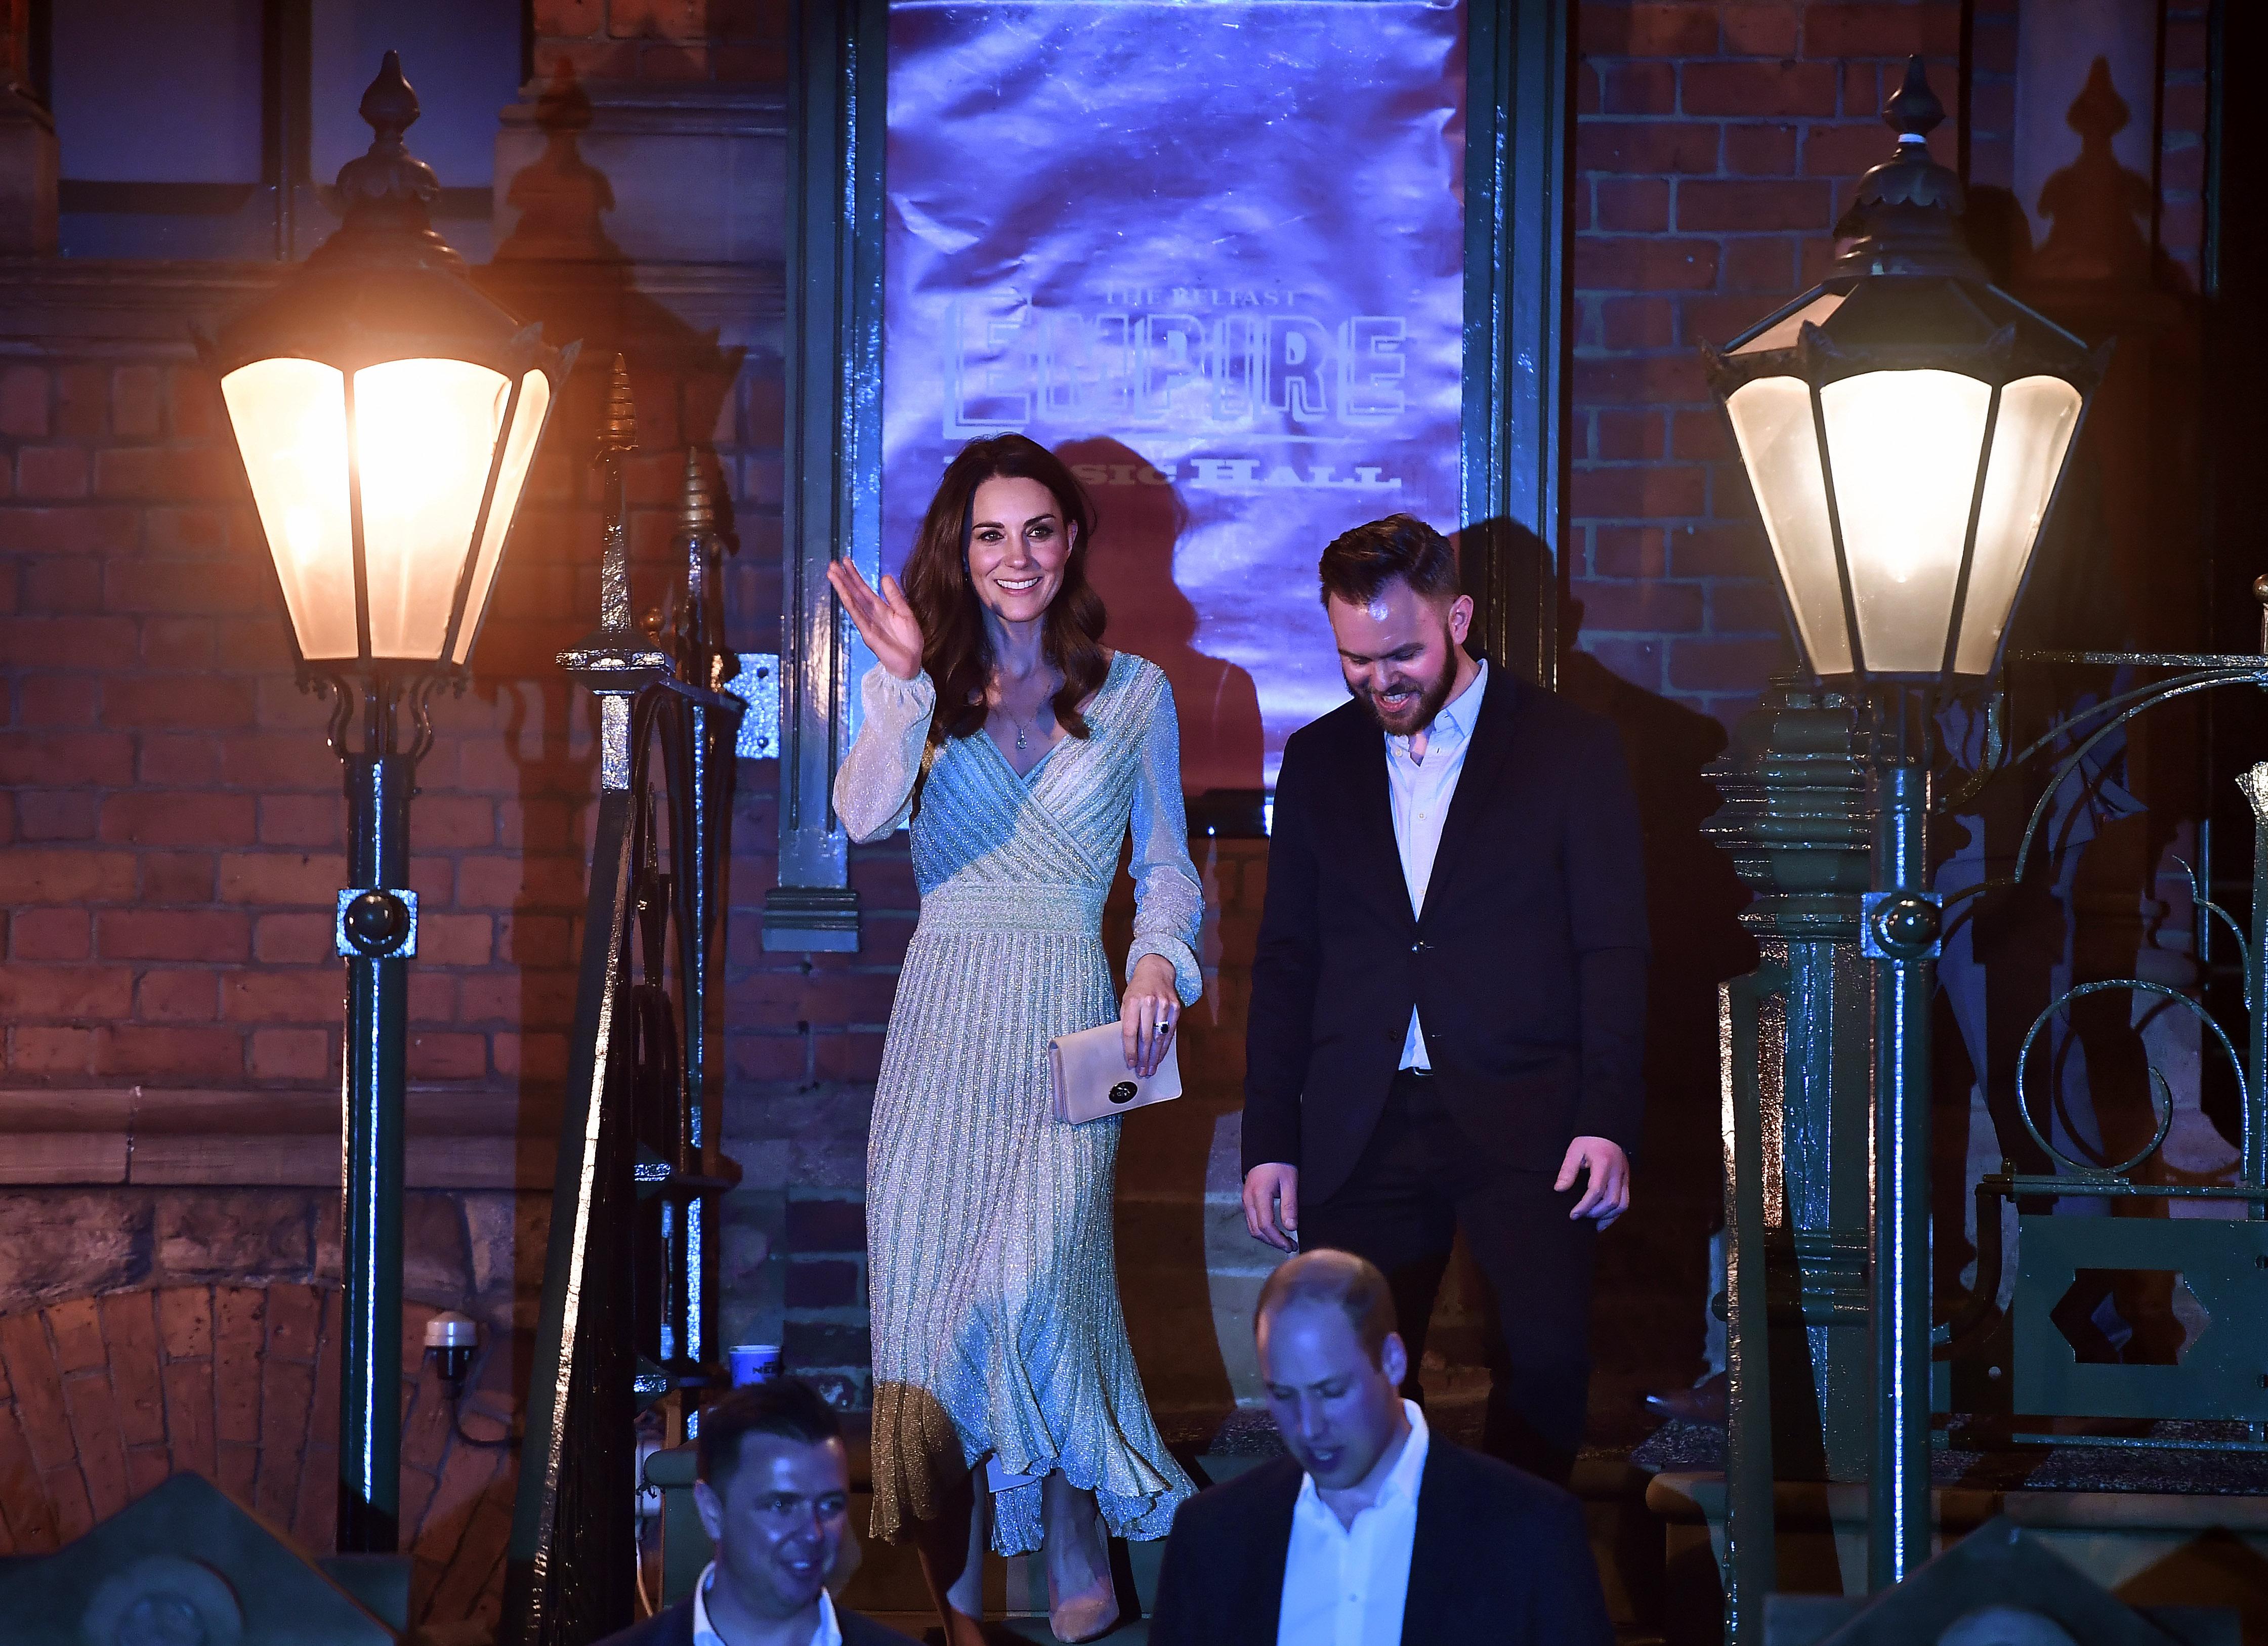 ринц Уилям и съпругата му Кейт Мидълтън наливаха бира в бар в Белфаст.